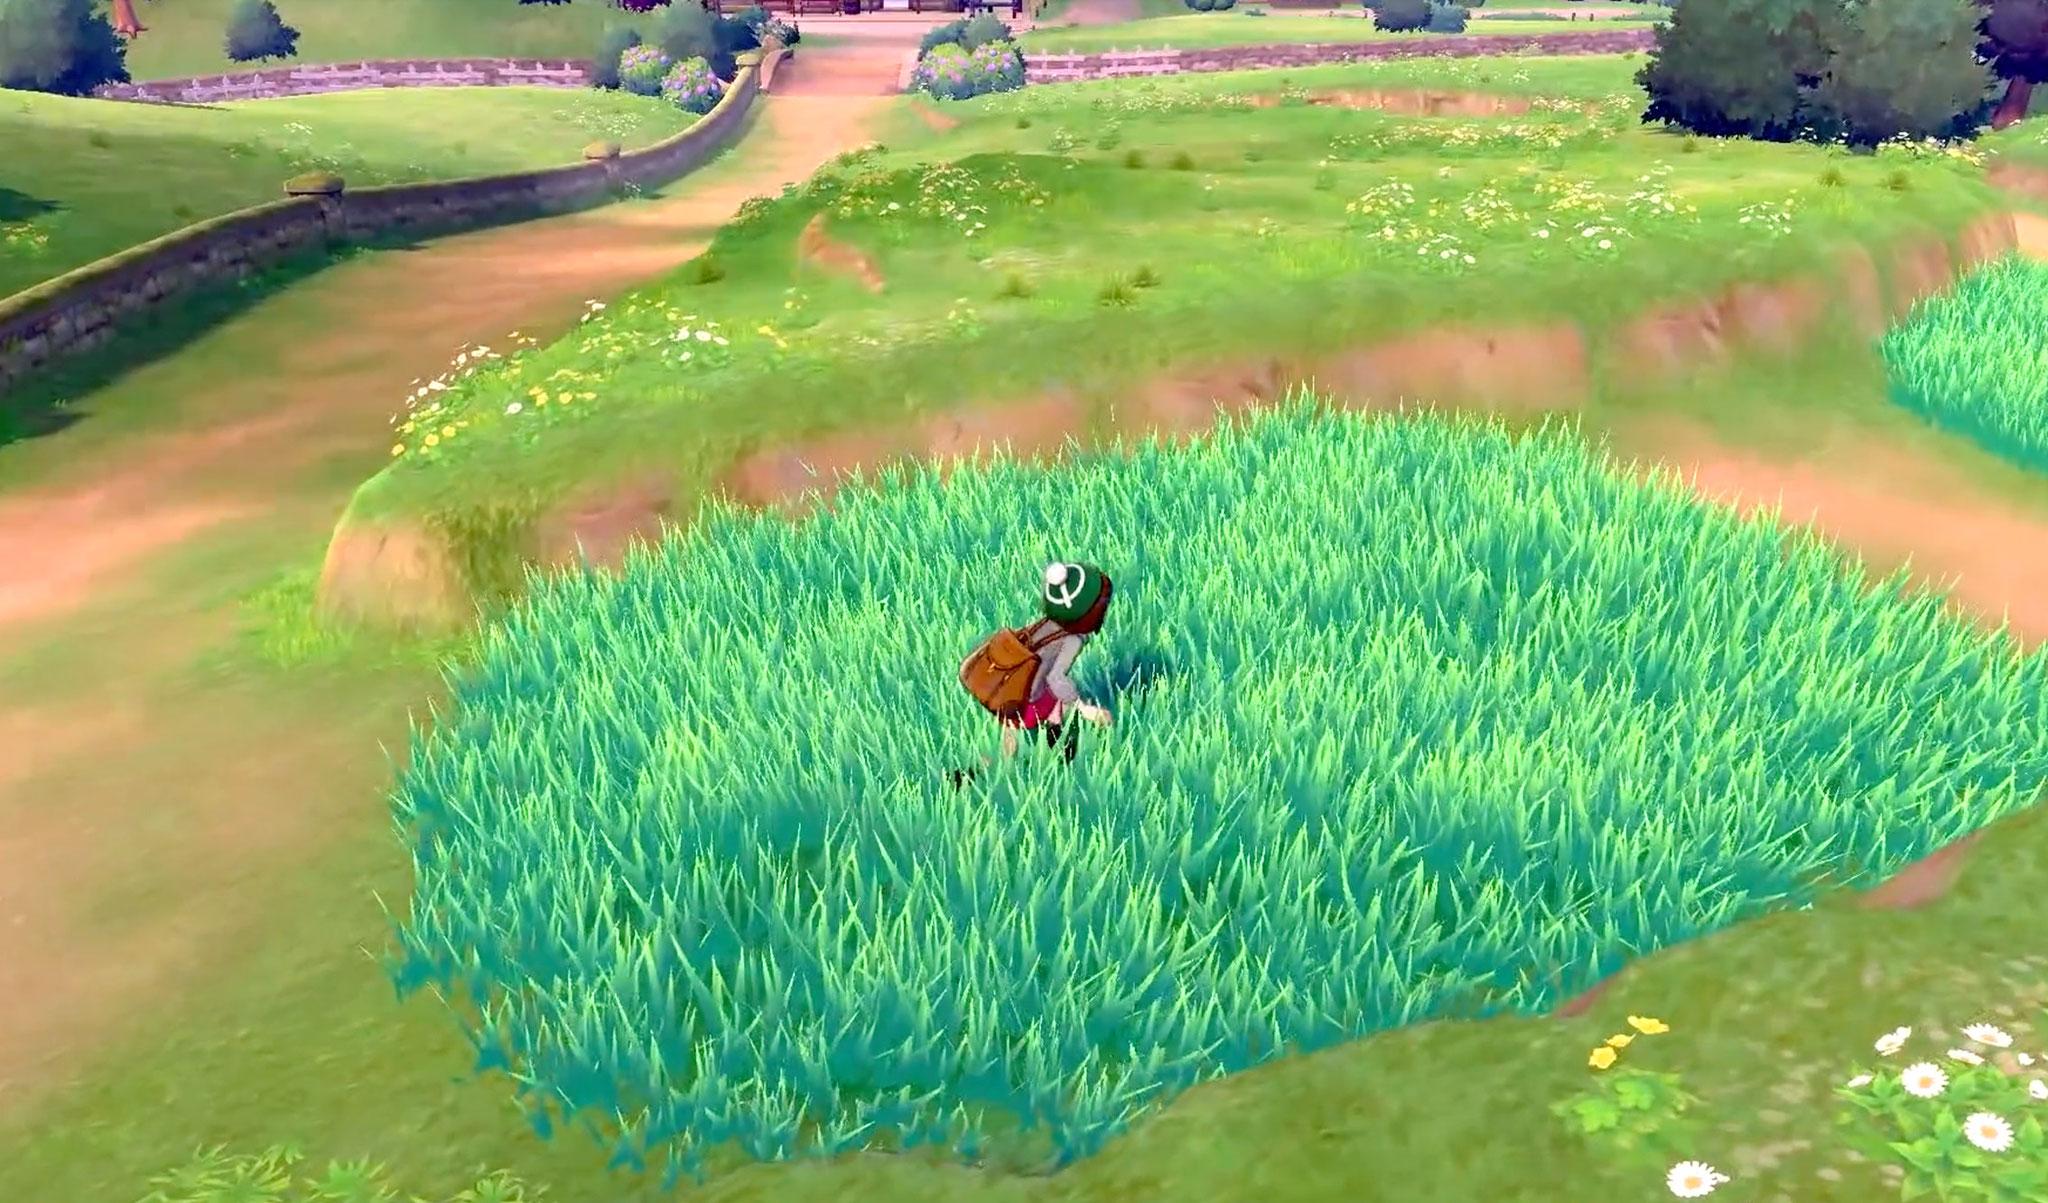 Von einigen Spielelementen mag sich die Serie auch hier nicht trennen: Wie gewohnt sucht der Trainer im hohen Gras nach neuen Pokémon.